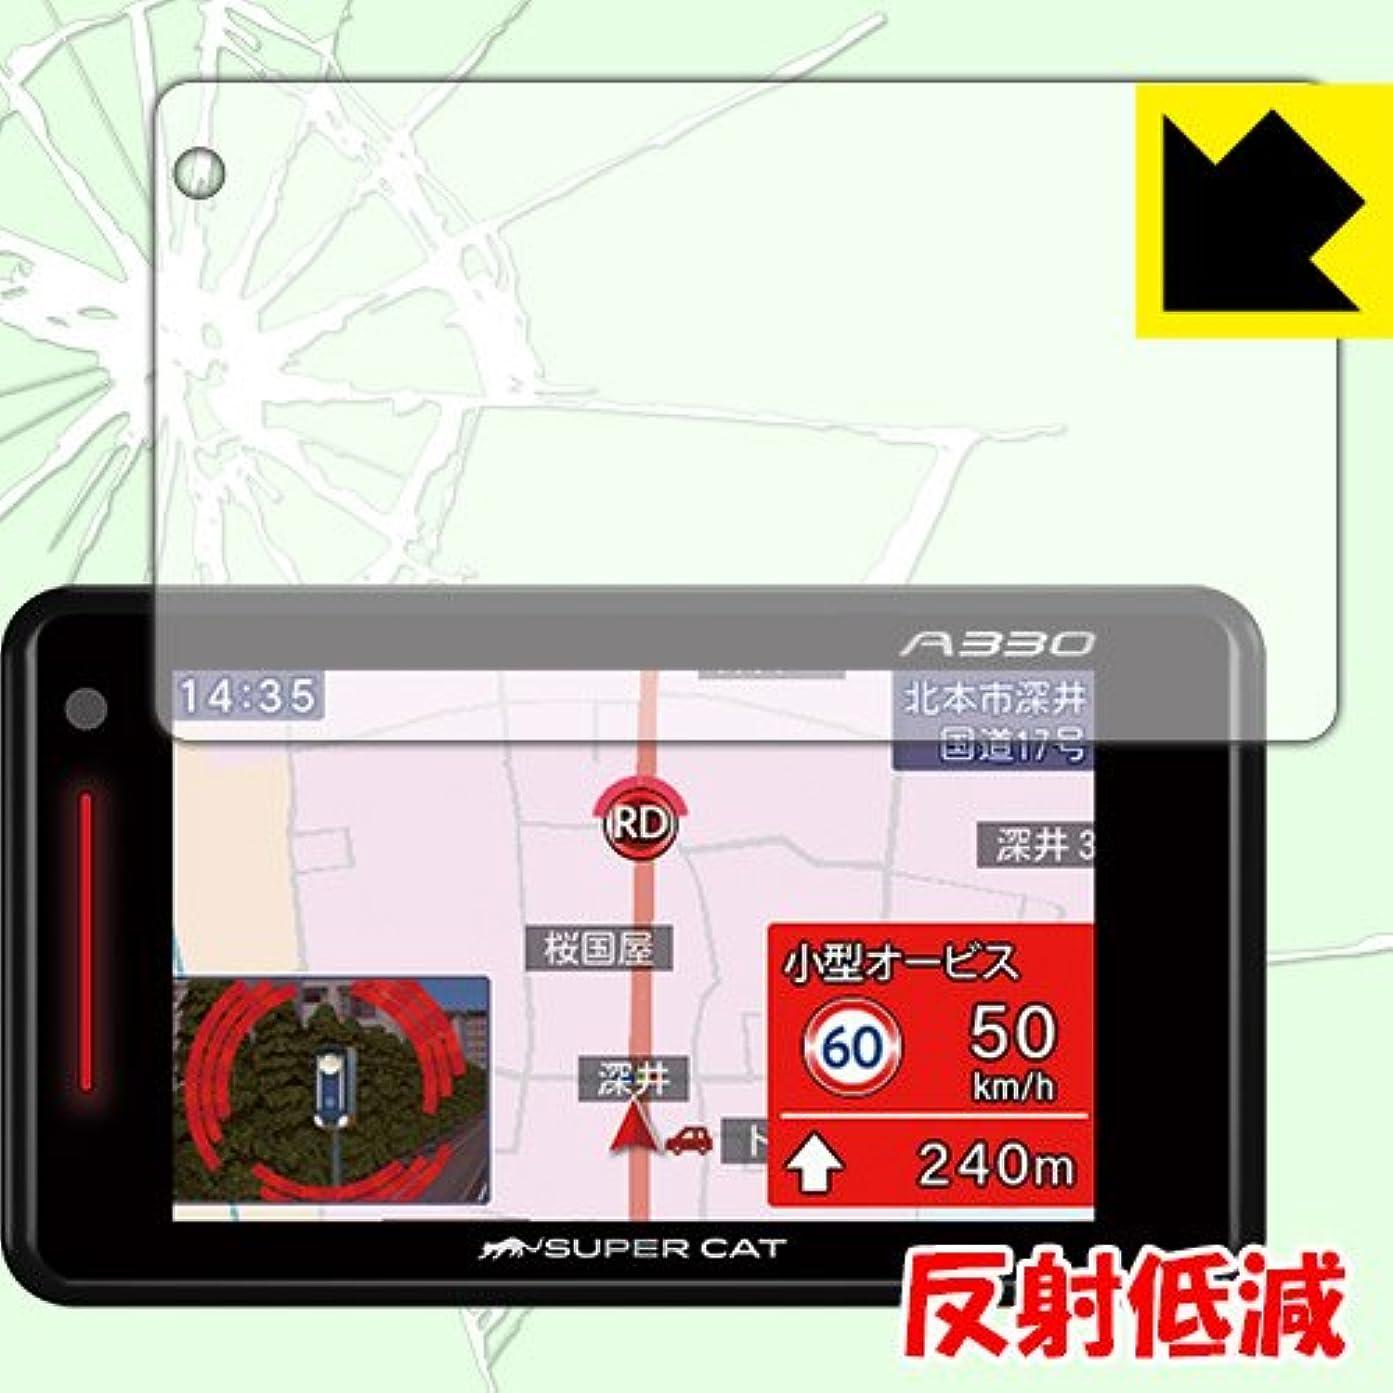 頬サイレン側溝特殊素材で衝撃を吸収 衝撃吸収[反射低減]保護フィルム GPS&レーダー探知機 SUPER CAT (2018年モデル) 日本製